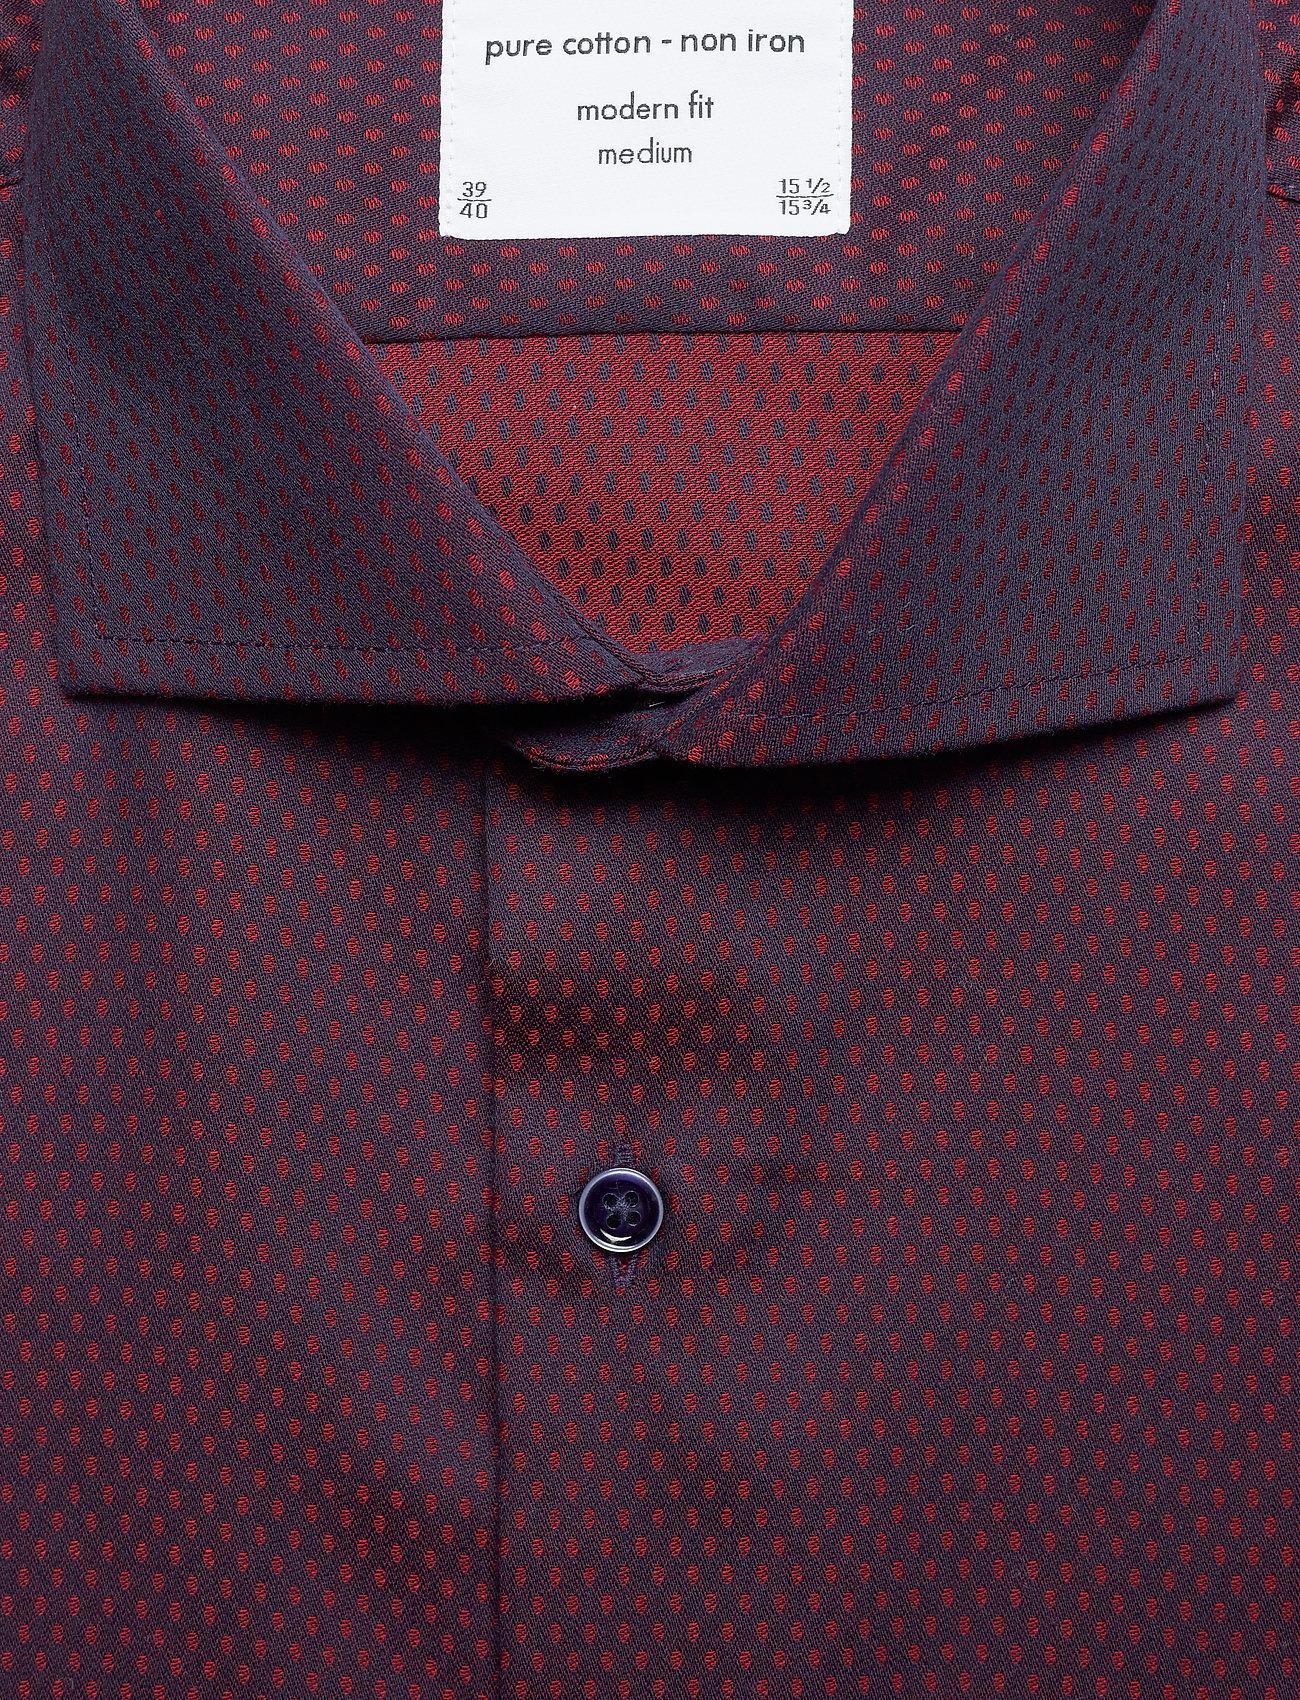 Seven Seas Copenhagen ALFA - Skjorter RED - Menn Klær